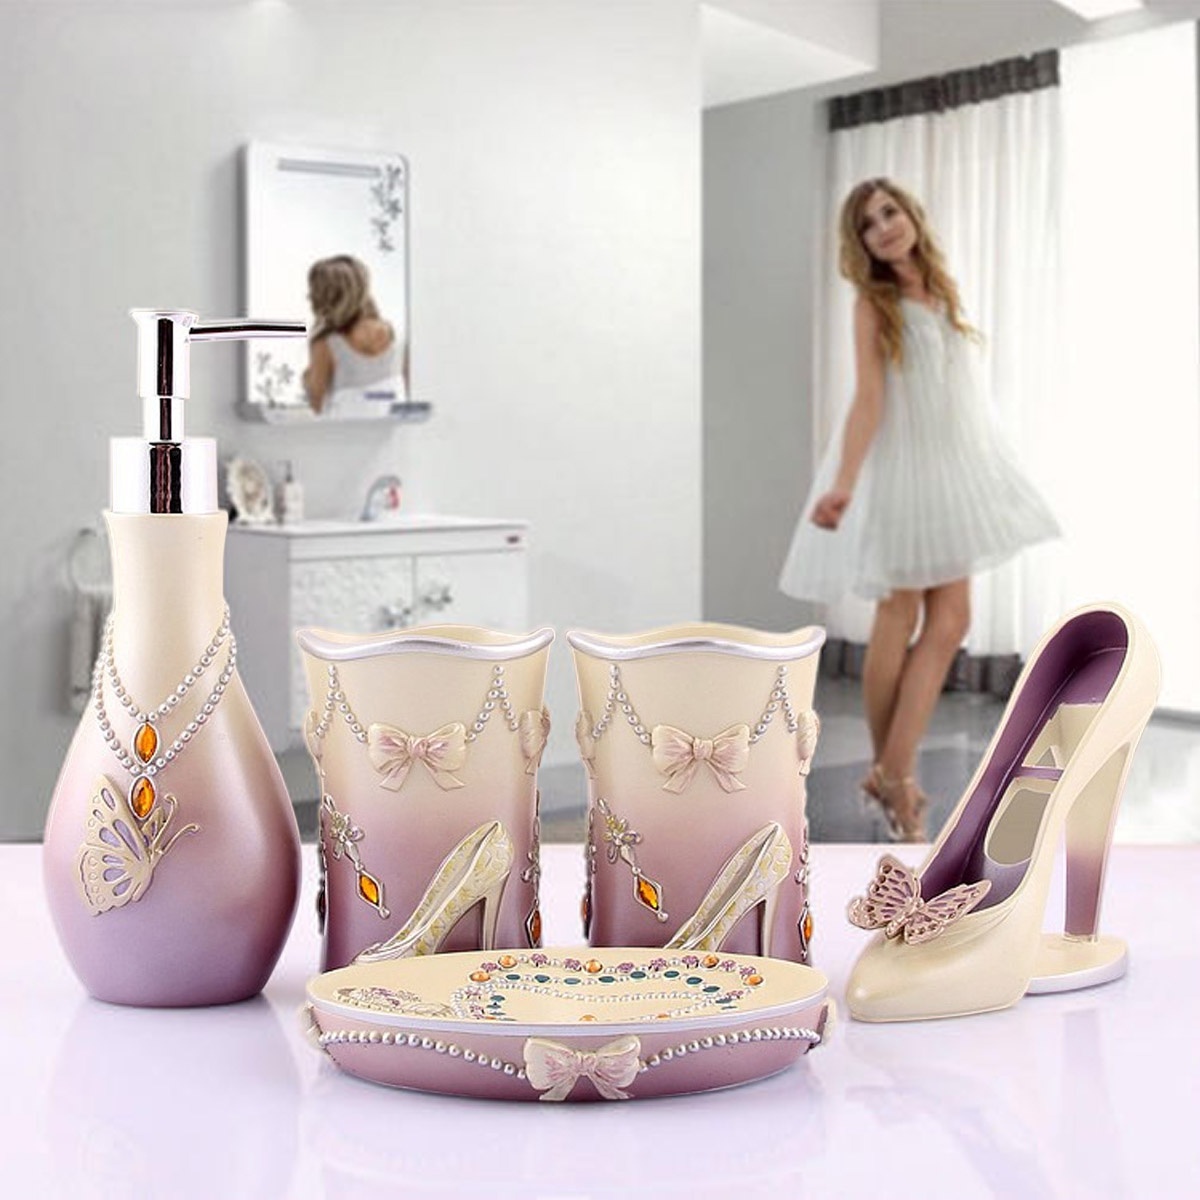 Aliexpress.com : Buy 5pcs Bathroom Accessories Set High